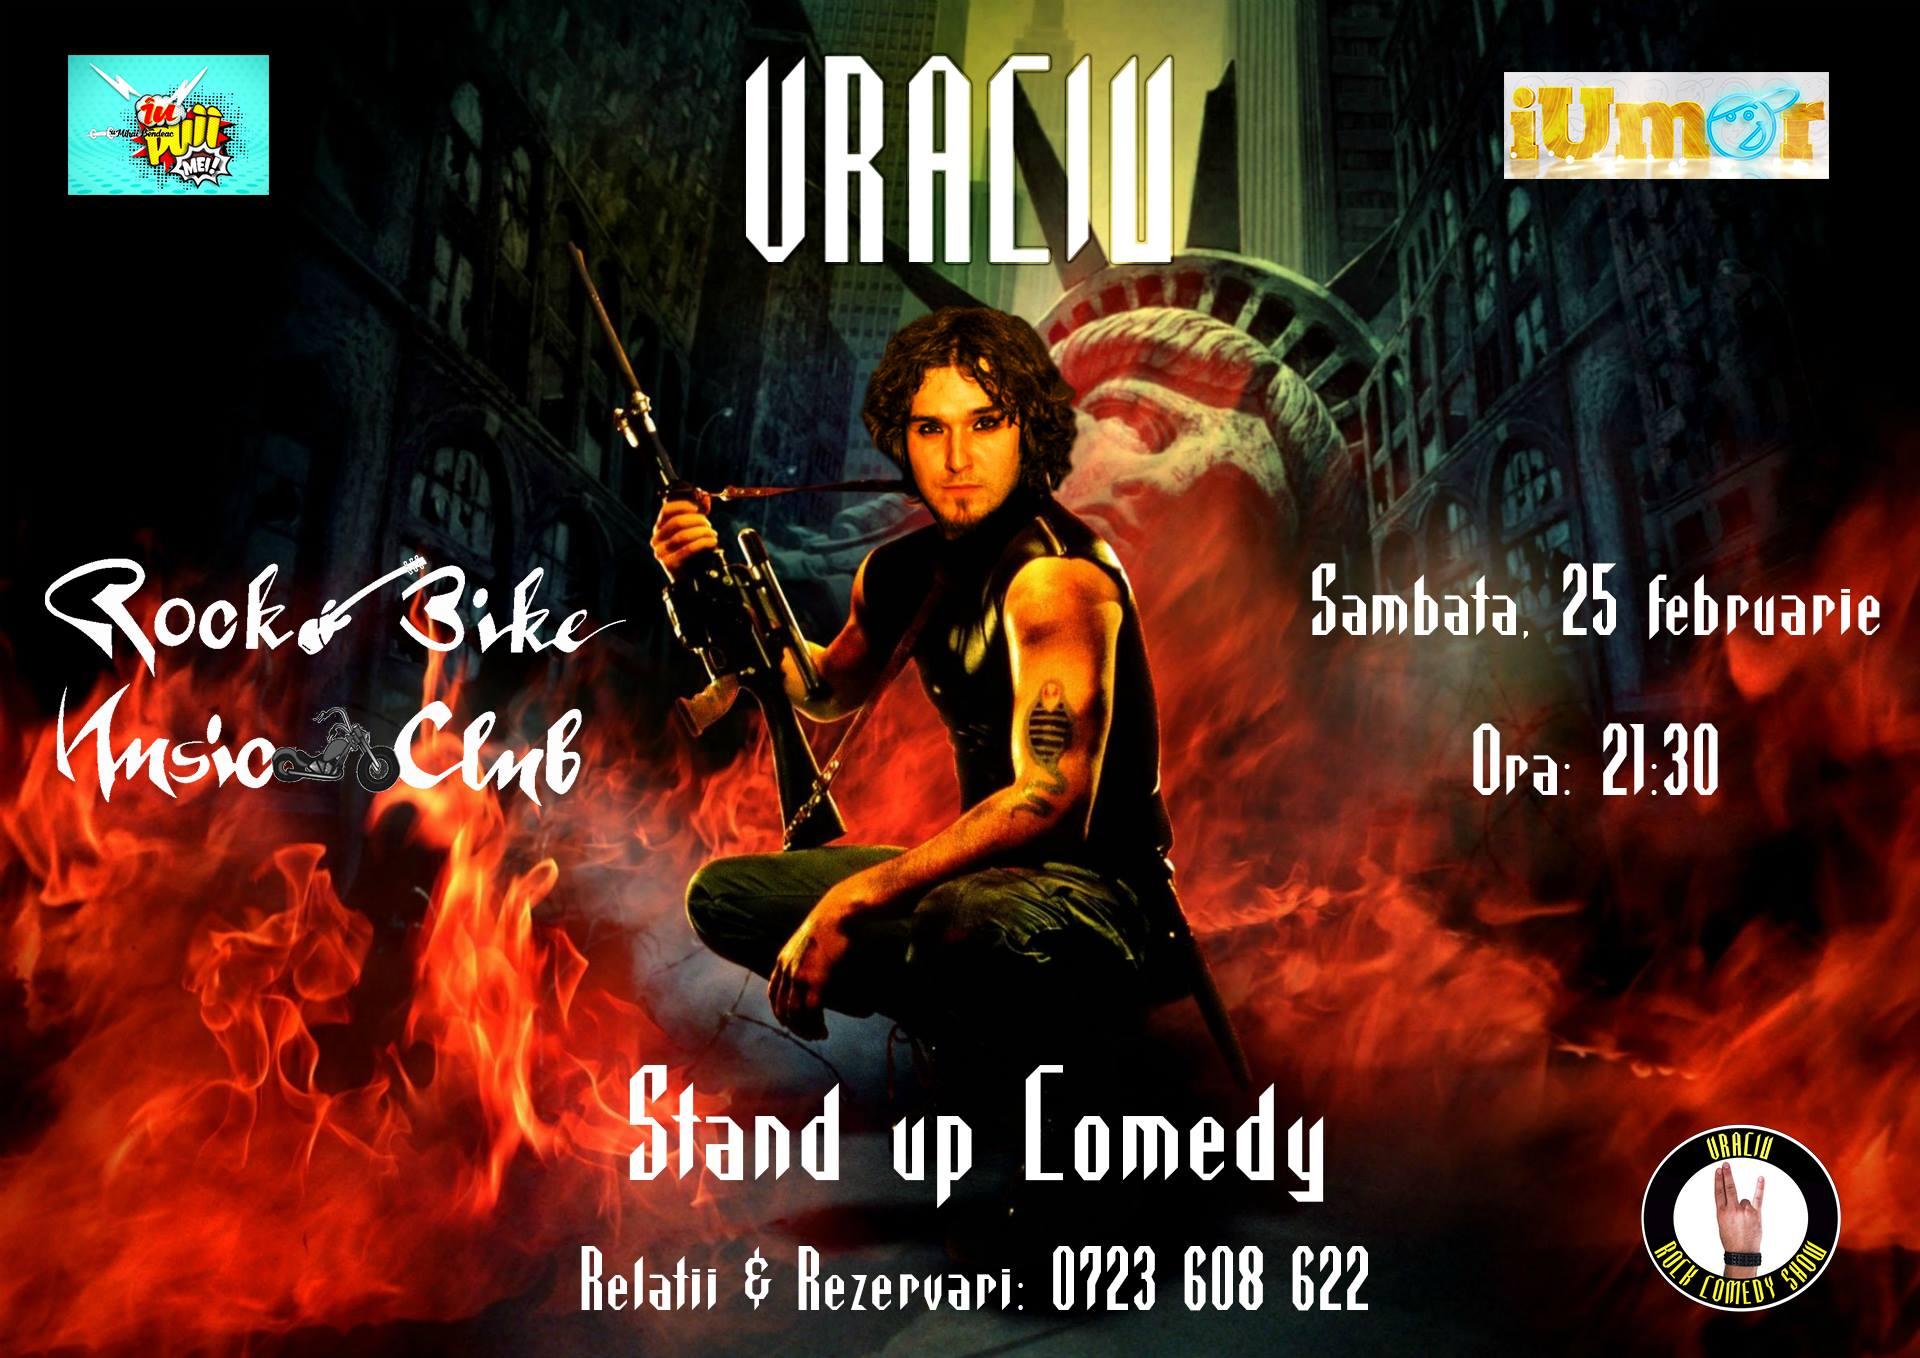 Stand up Comedy cu Vraciu in Sibiu